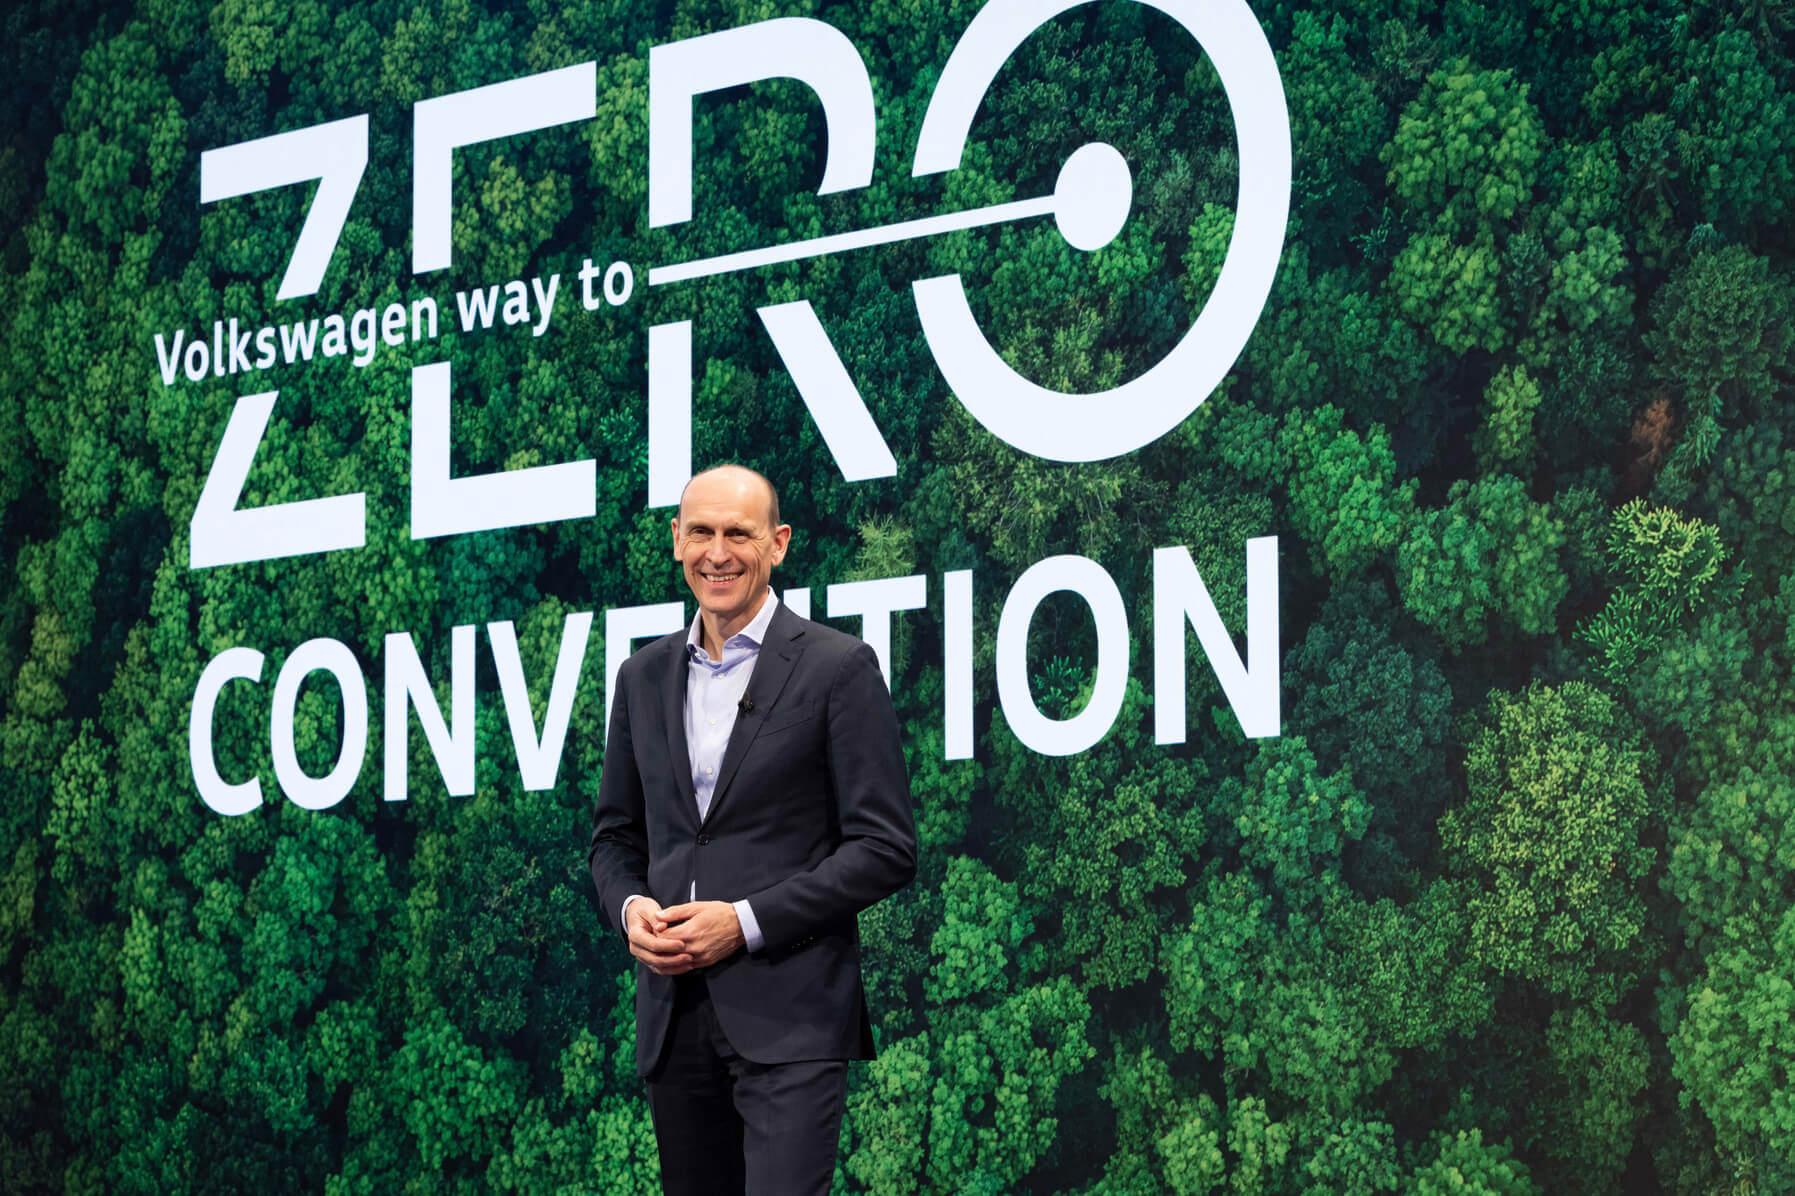 Convenção Way to zero